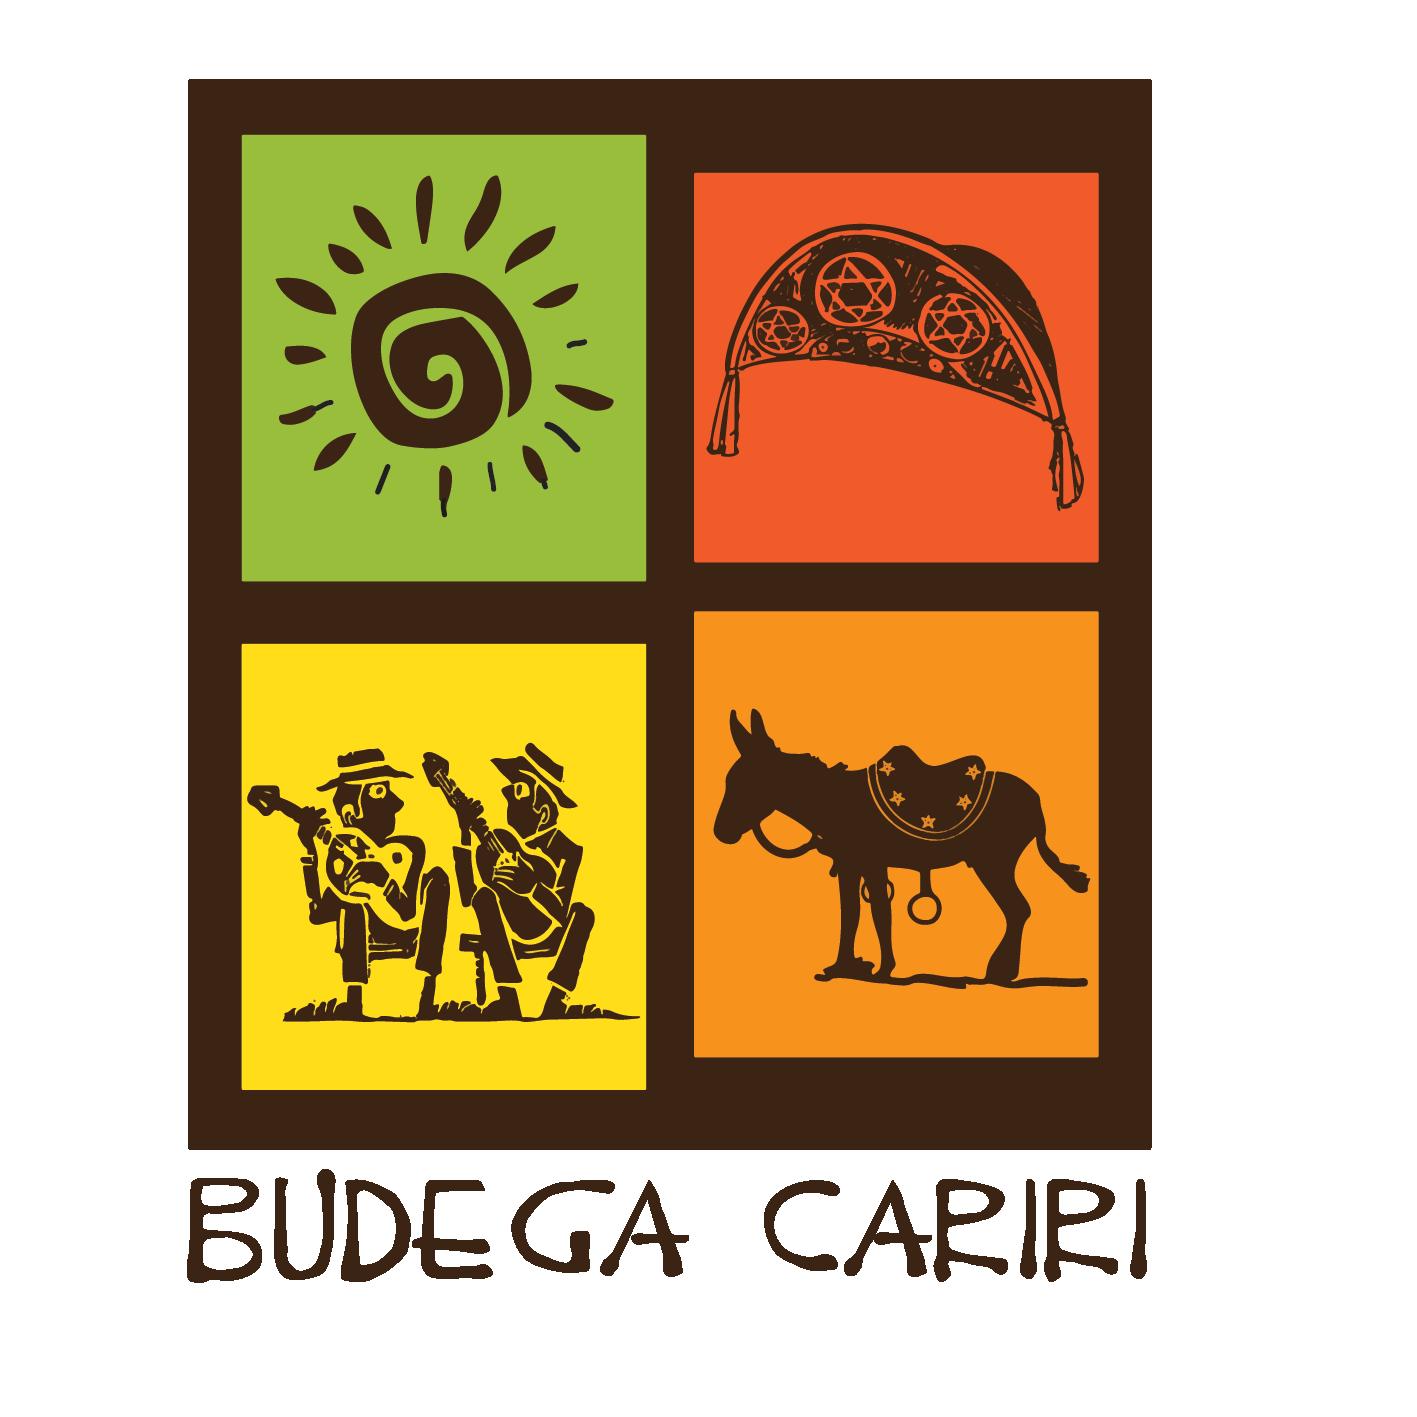 Budega Cariri